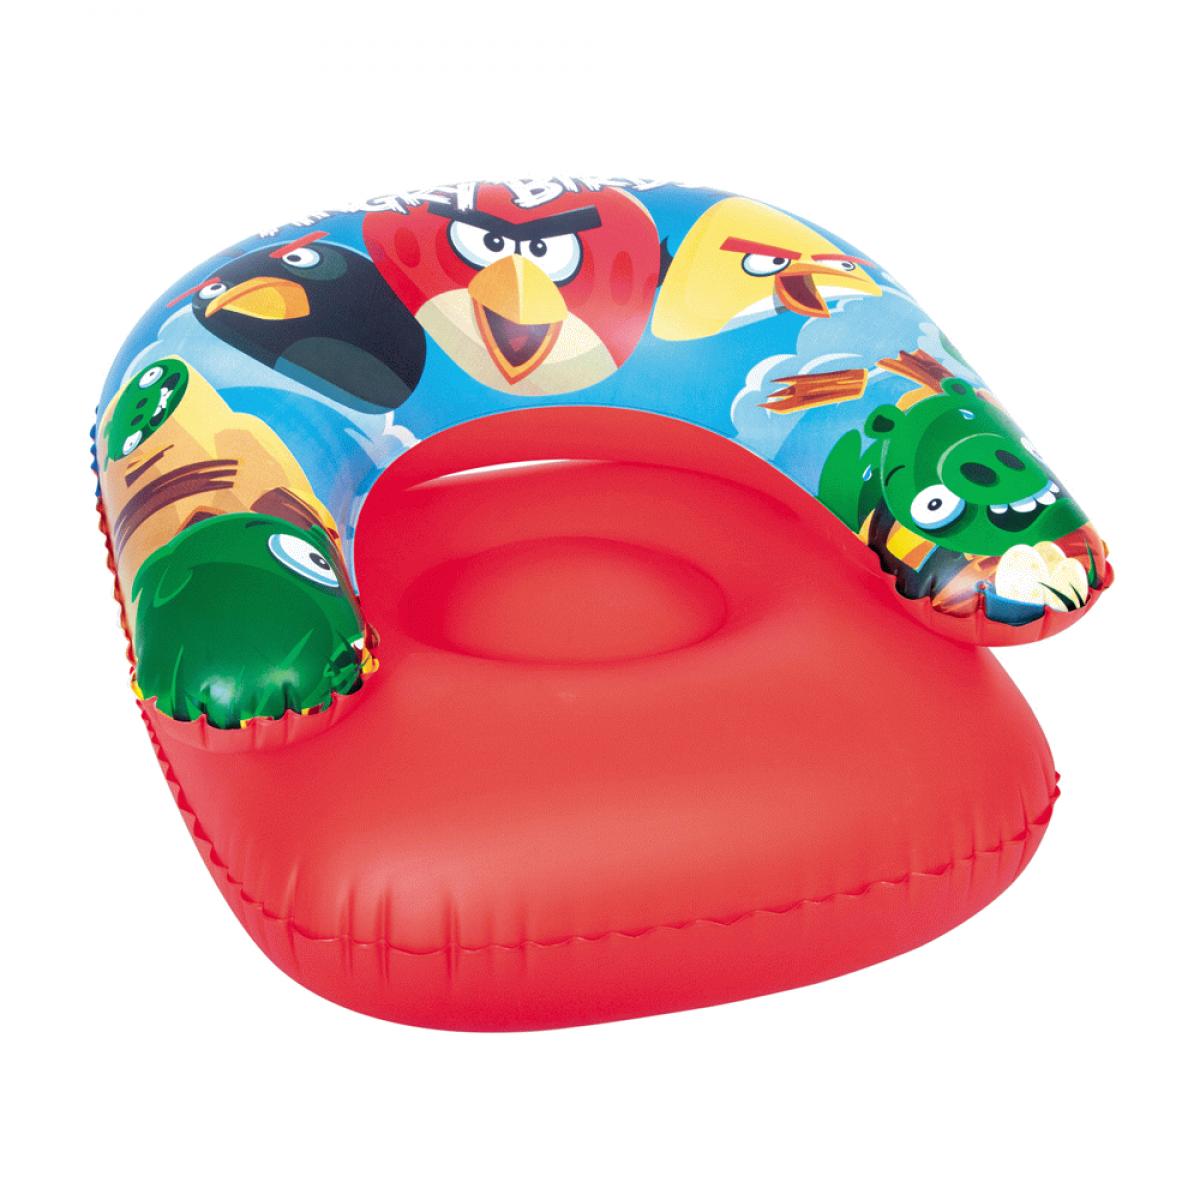 Детское надувное кресло Angry Birds, 76 х 76 см